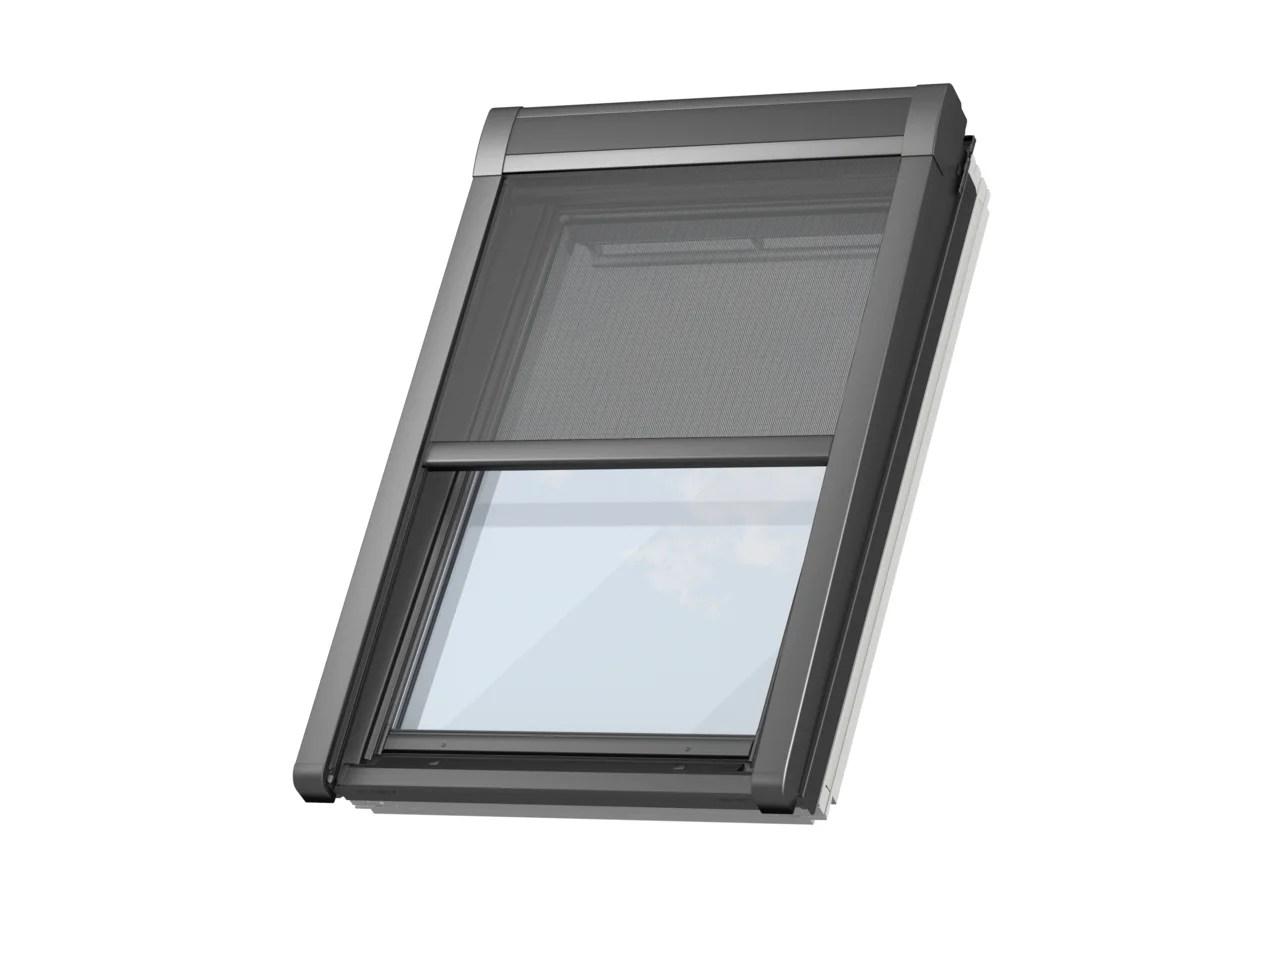 store fenetre de toit velux pare soleil electrique uk04 h 98 x l 134 cm